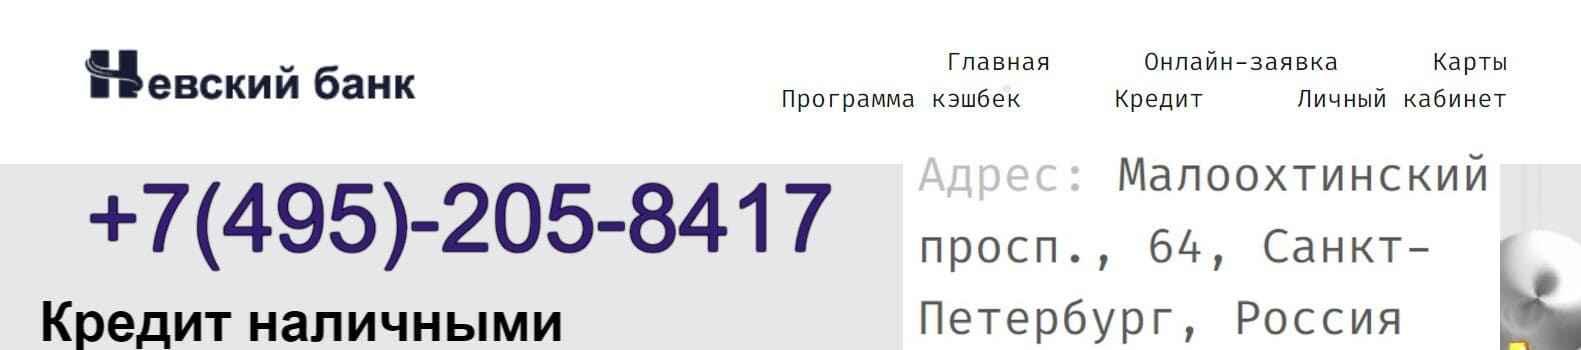 Невский банк личный кабинет